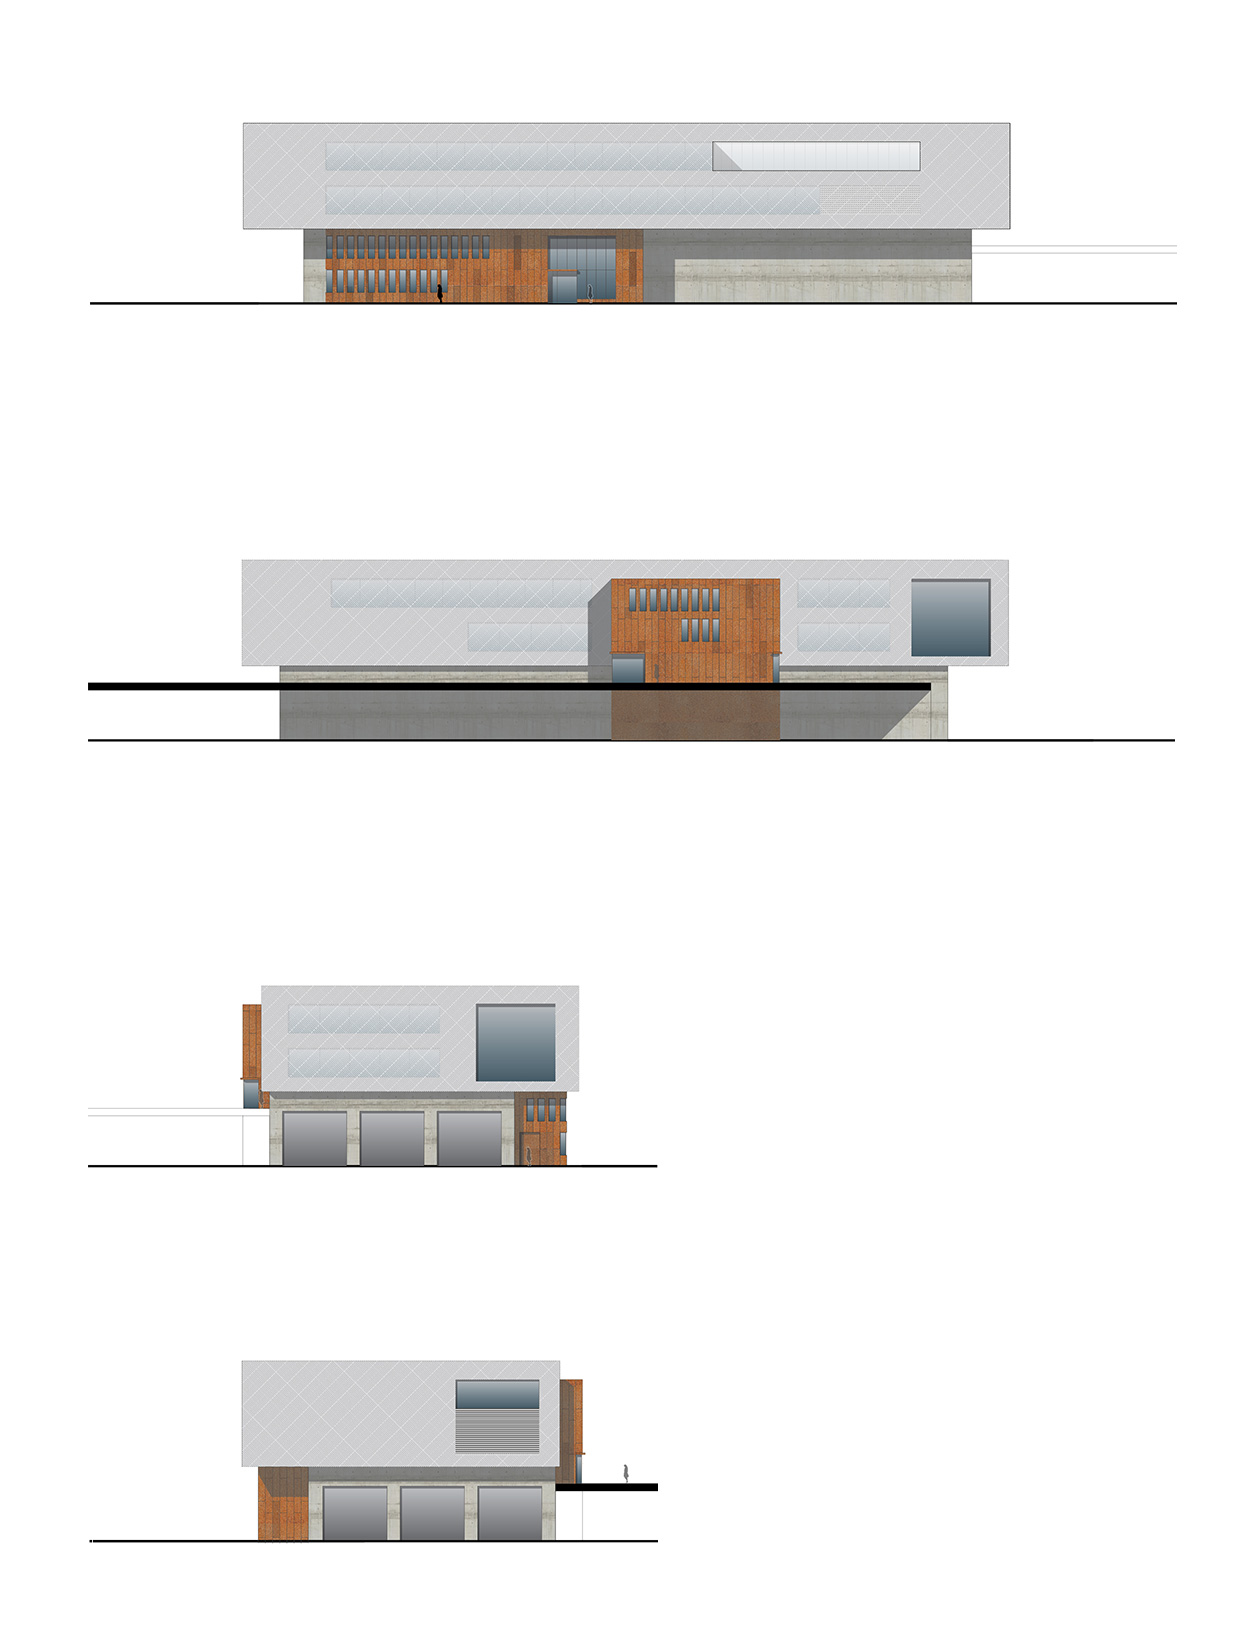 Tomteboda_Tvatthall_Administrationsbyggnad_Solna_Fasader_Arkitekter